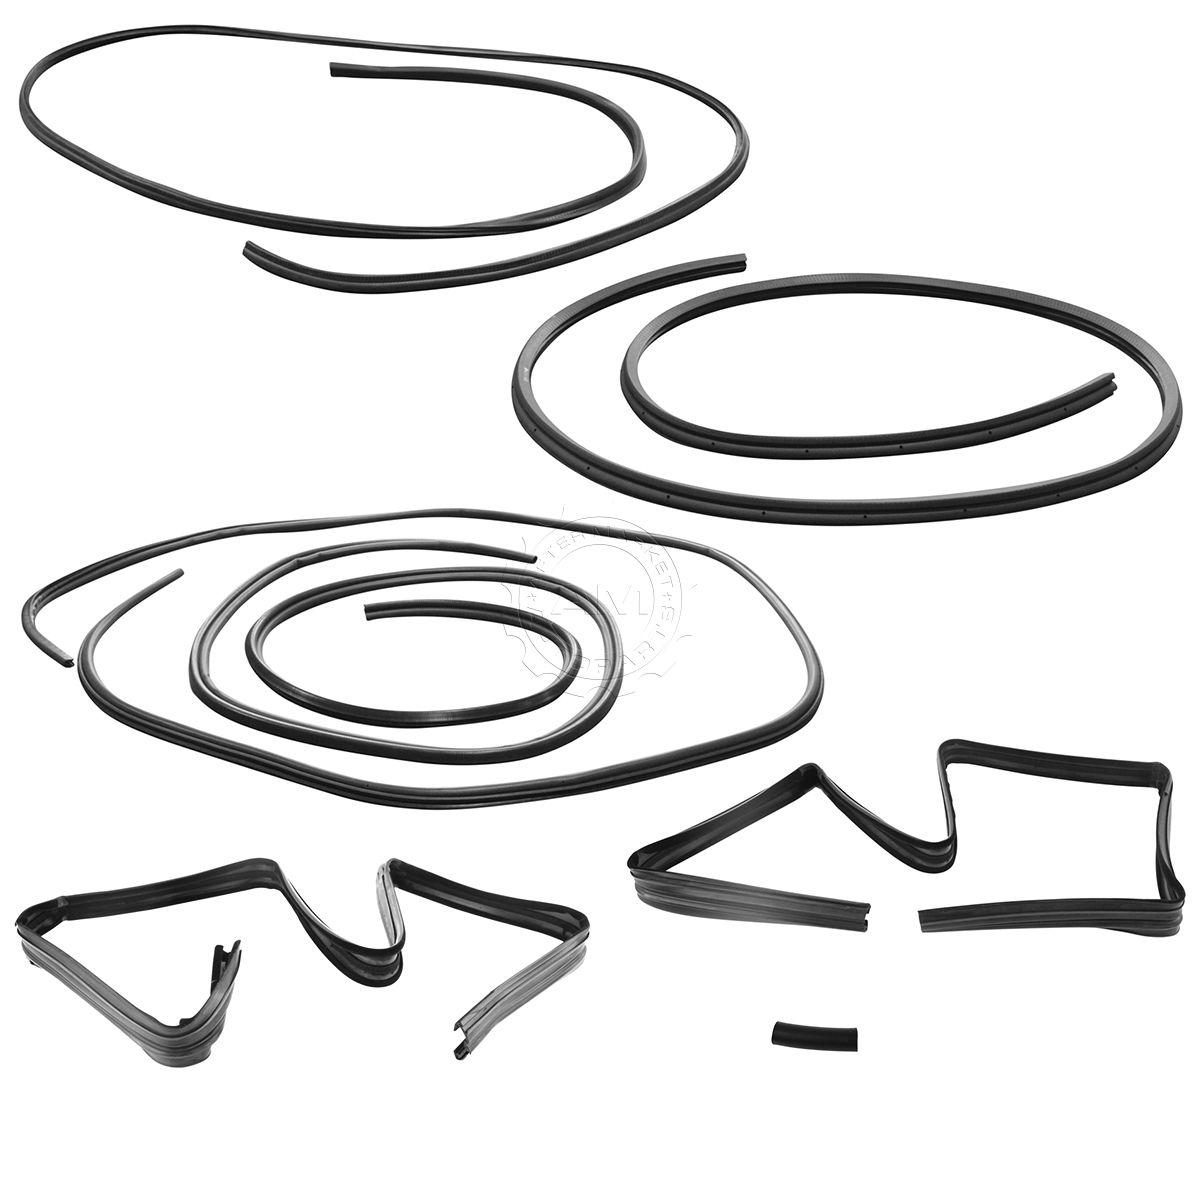 6 Piece Complete Weatherstrip Kit Set for Chrysler Dodge